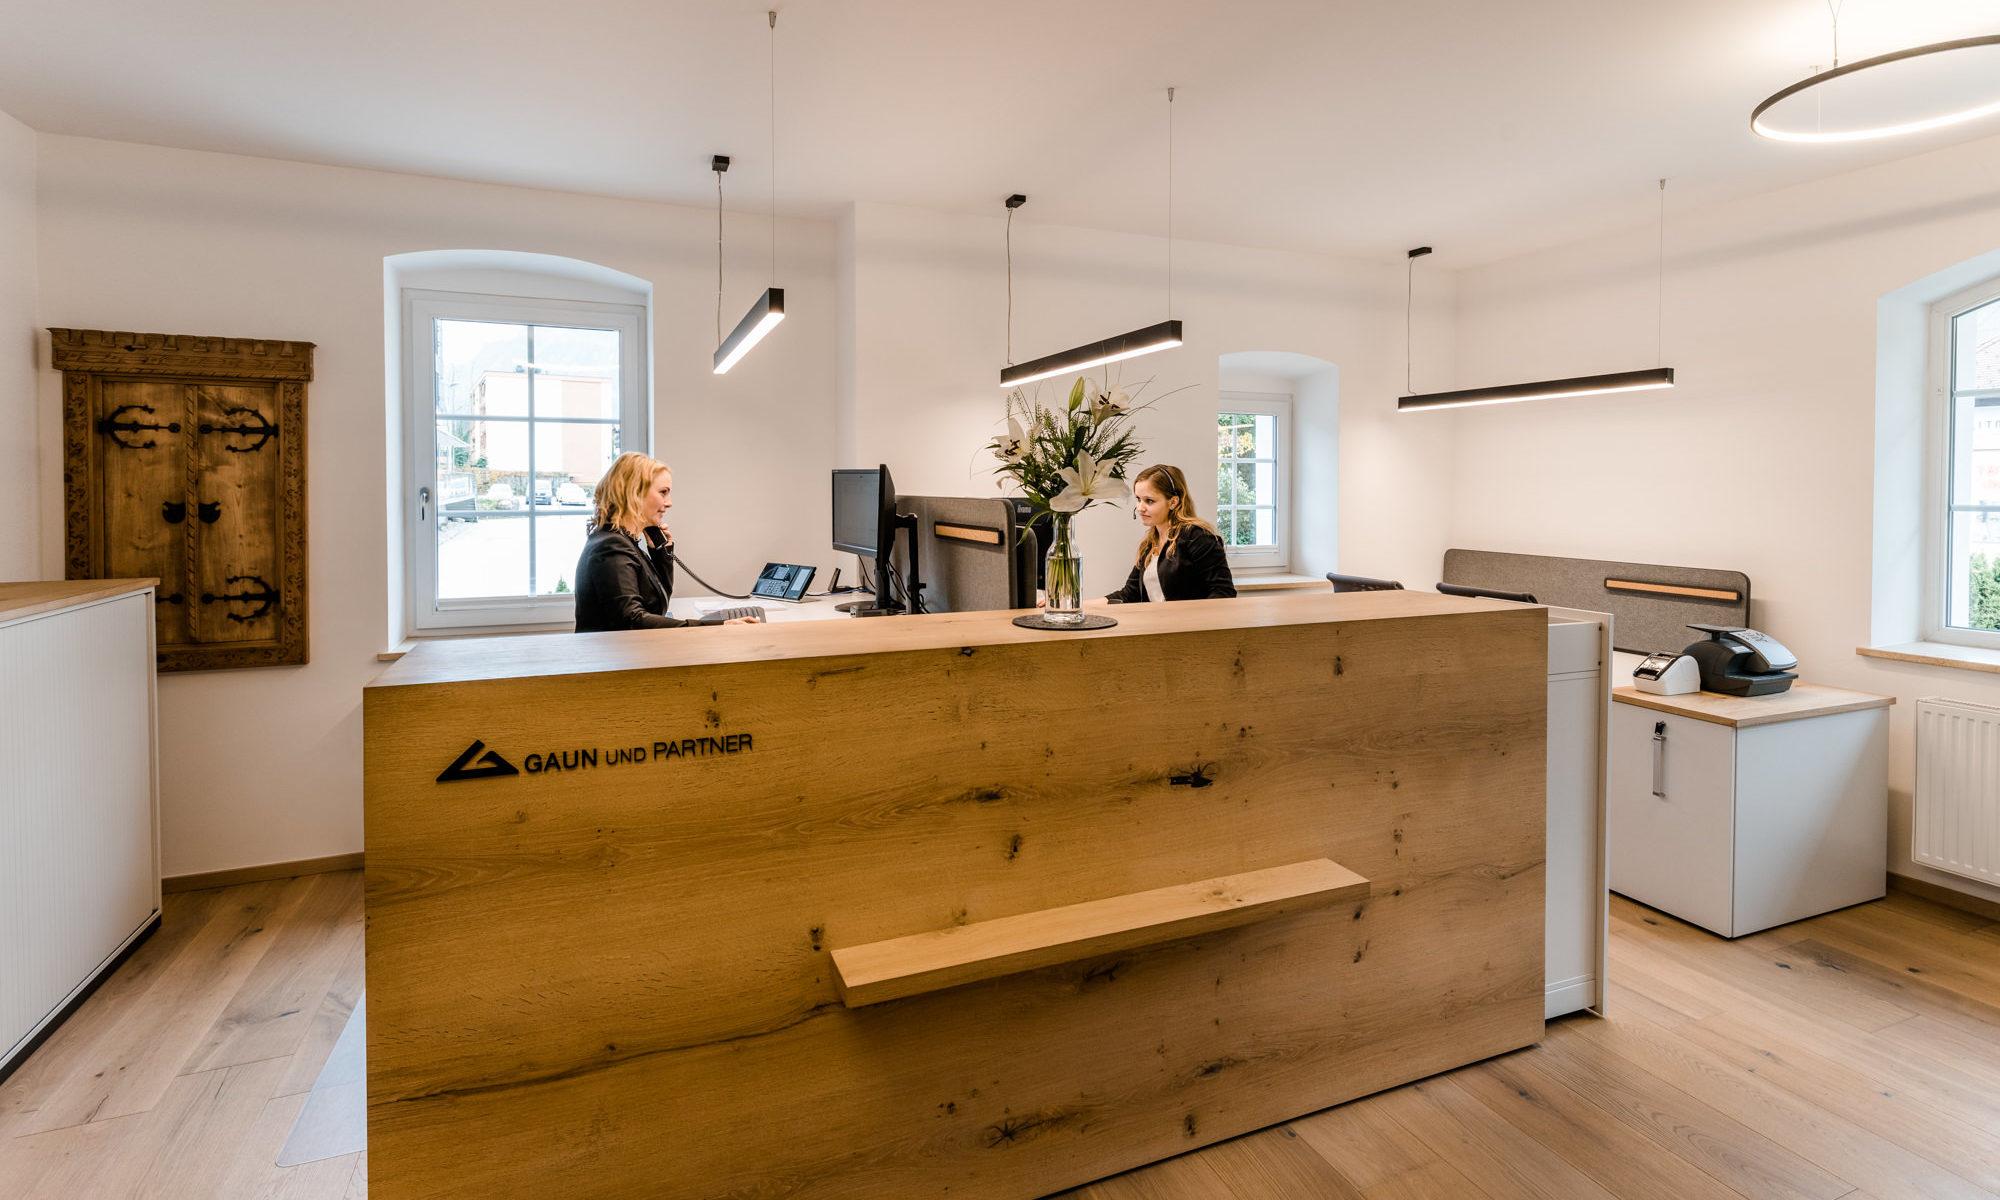 Gaun und Partner Steuerberatungs GmbH